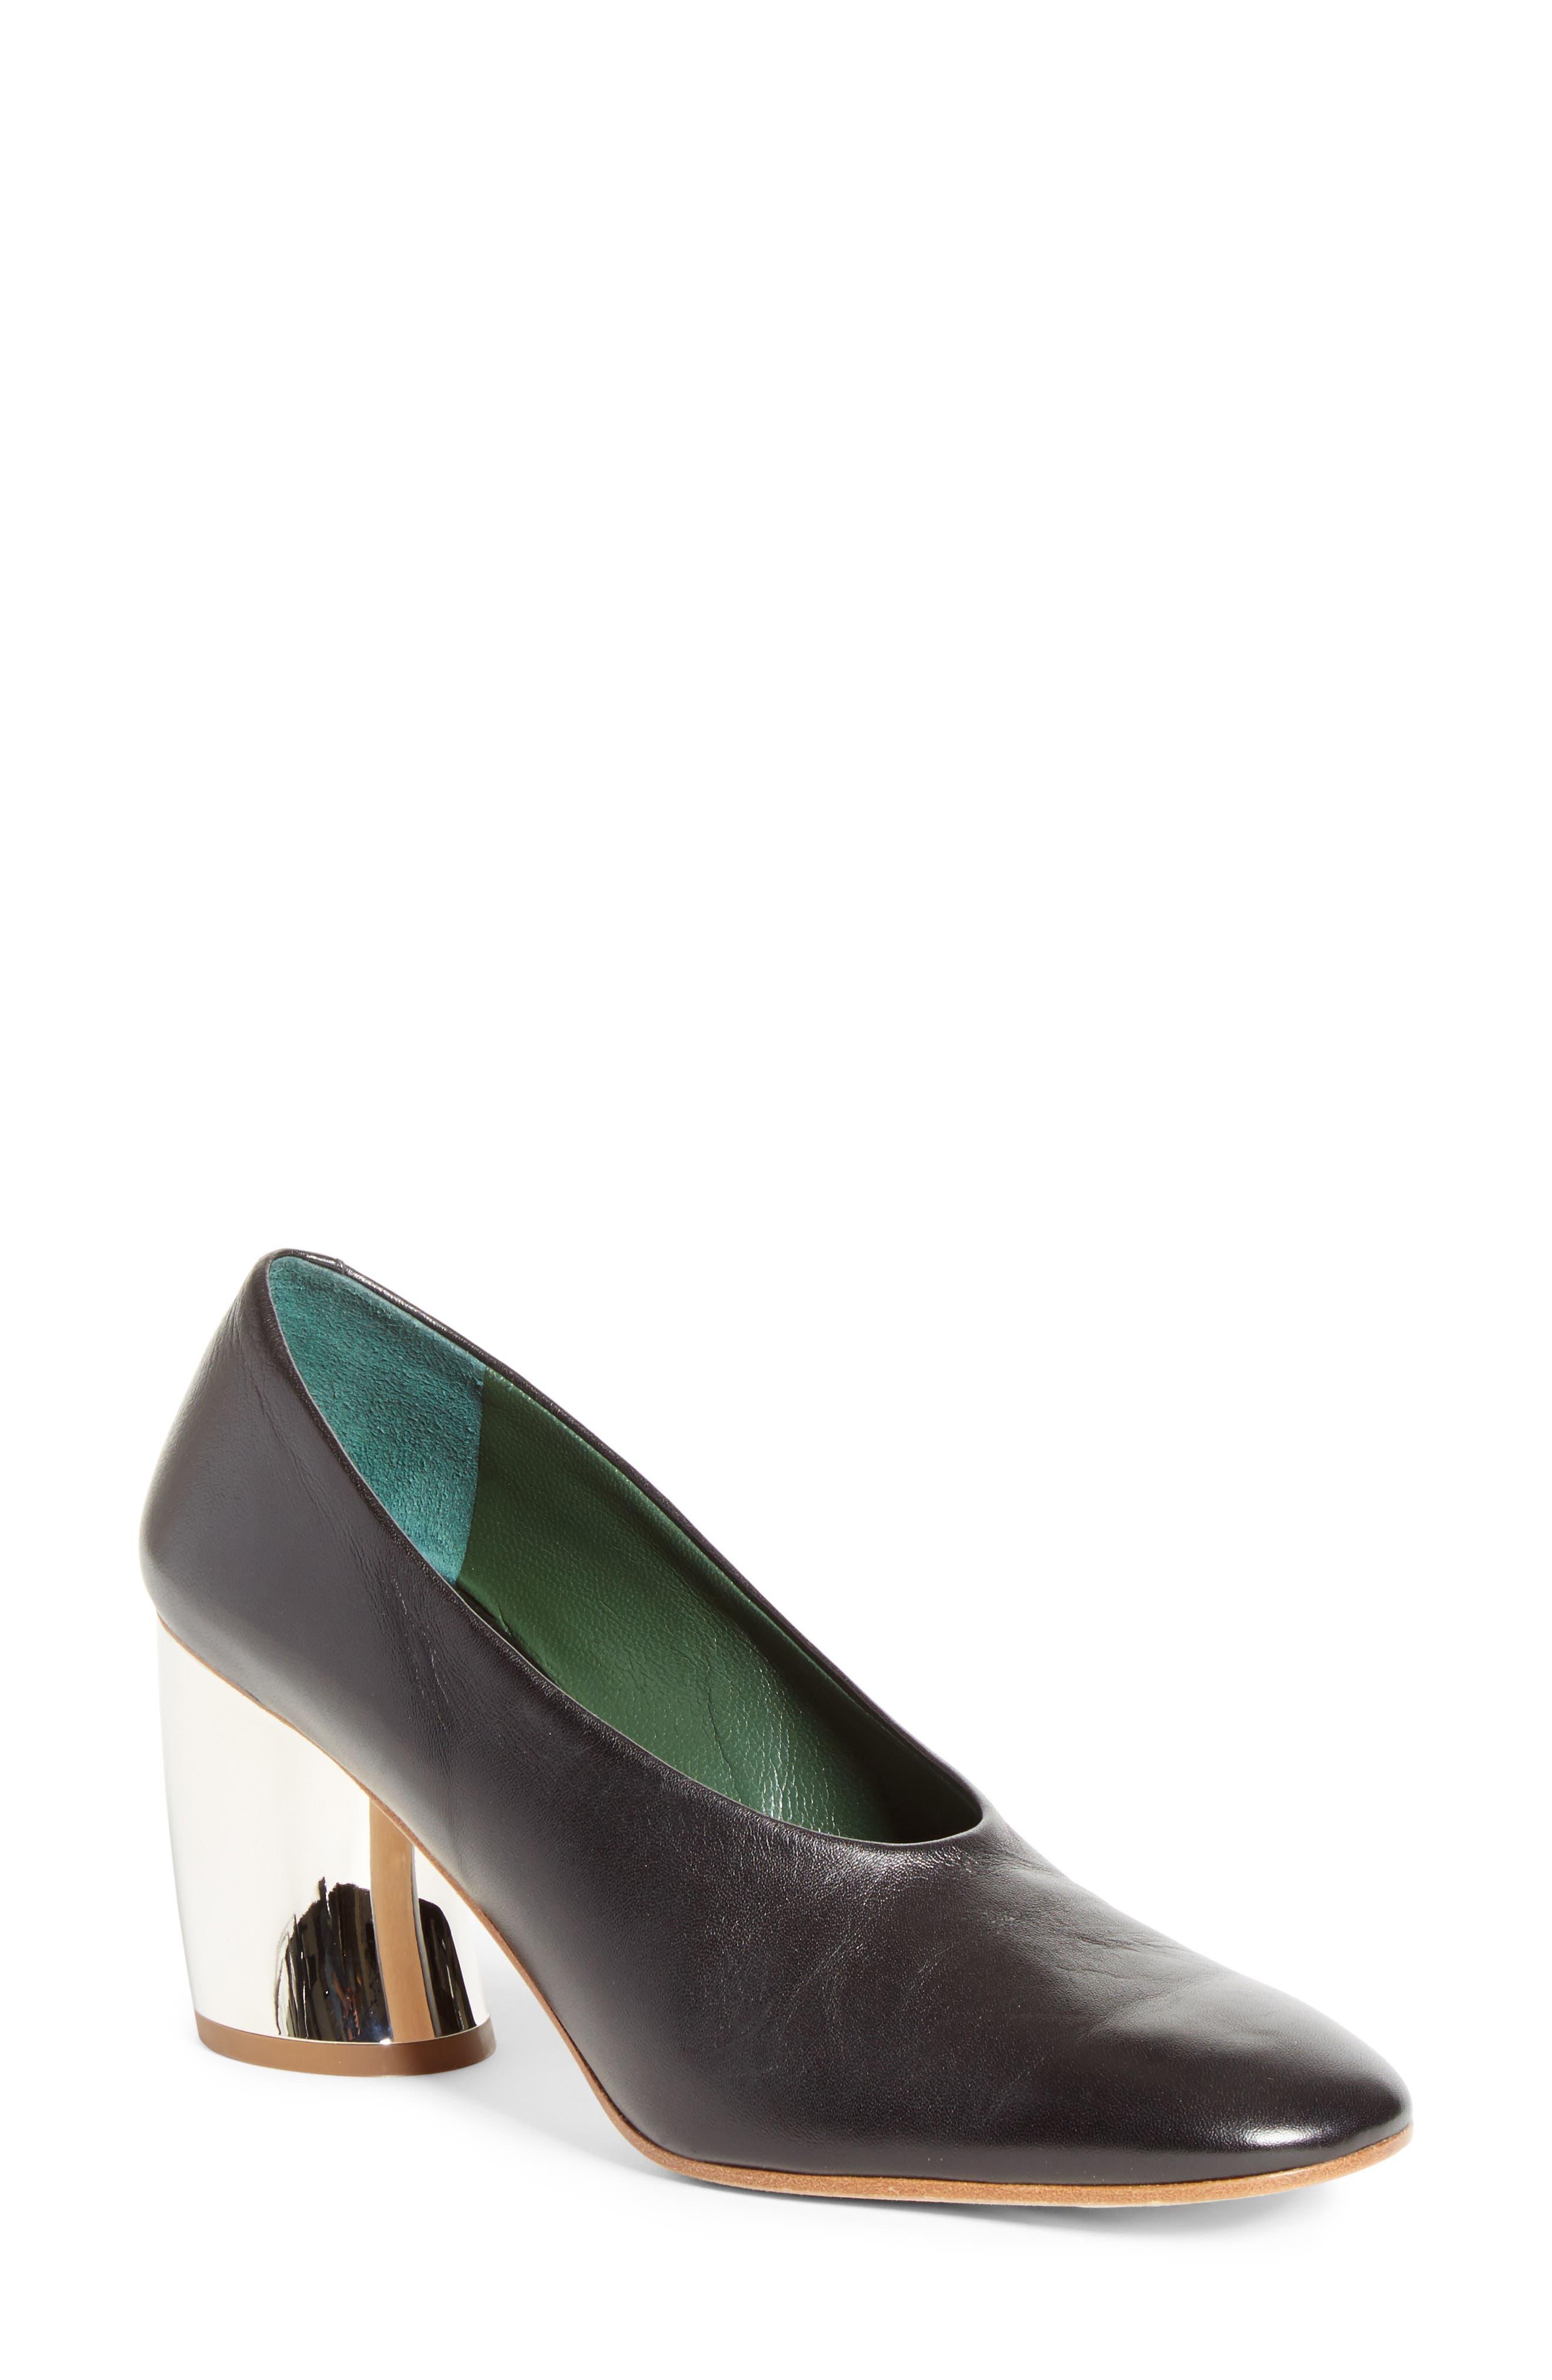 Main Image - Proenza Schouler Mirrored Heel Pump (Women)